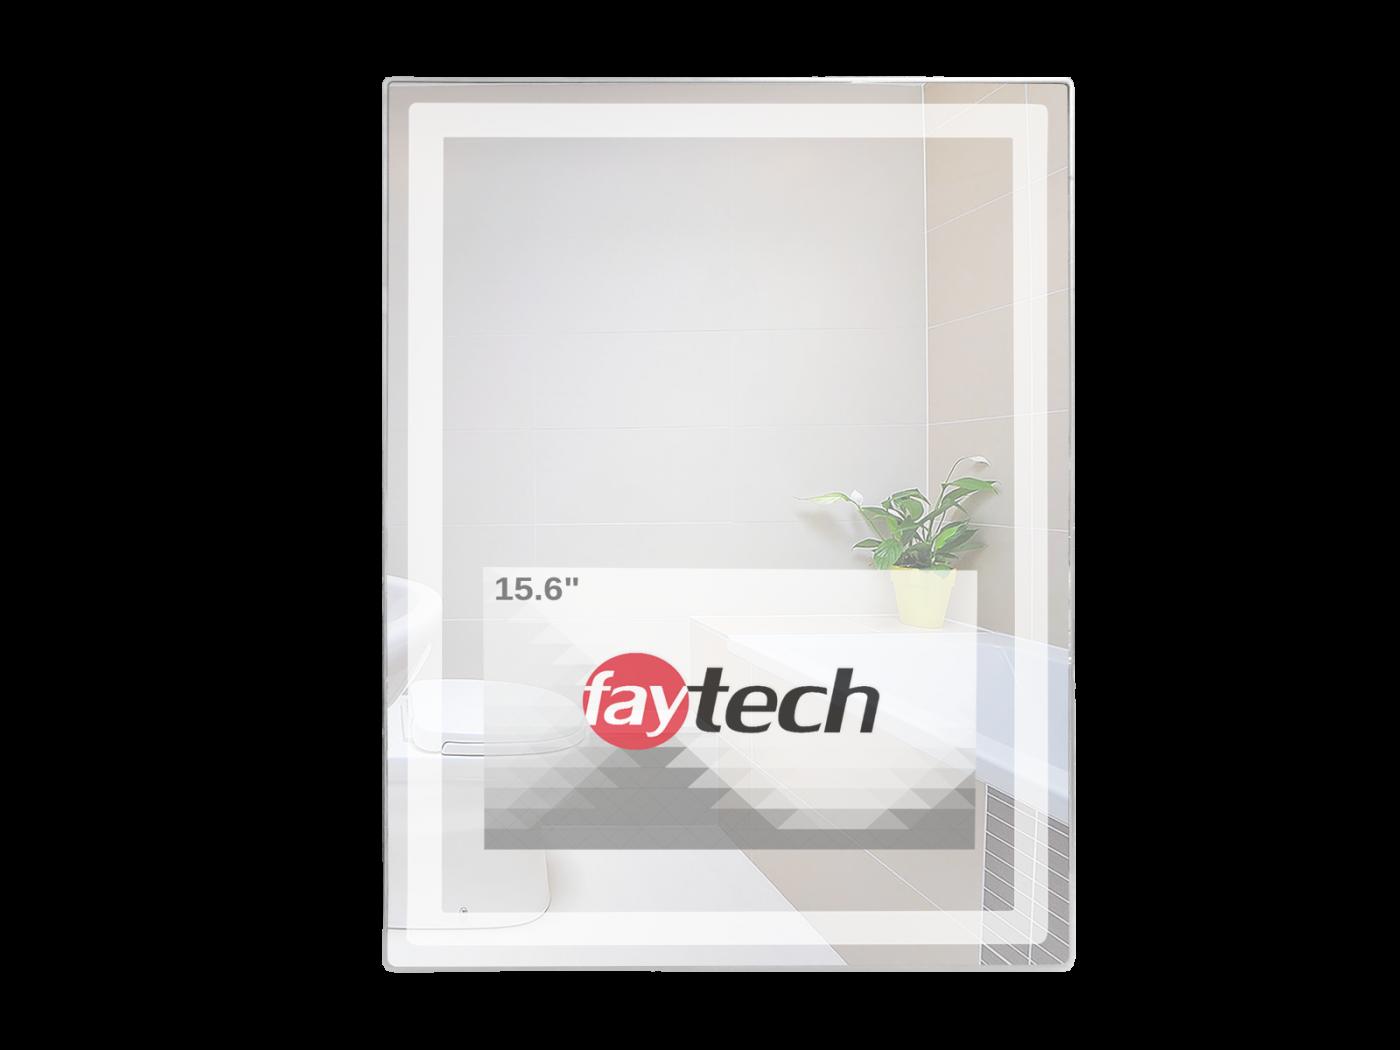 15,6 inch Interactieve badkamer spiegel